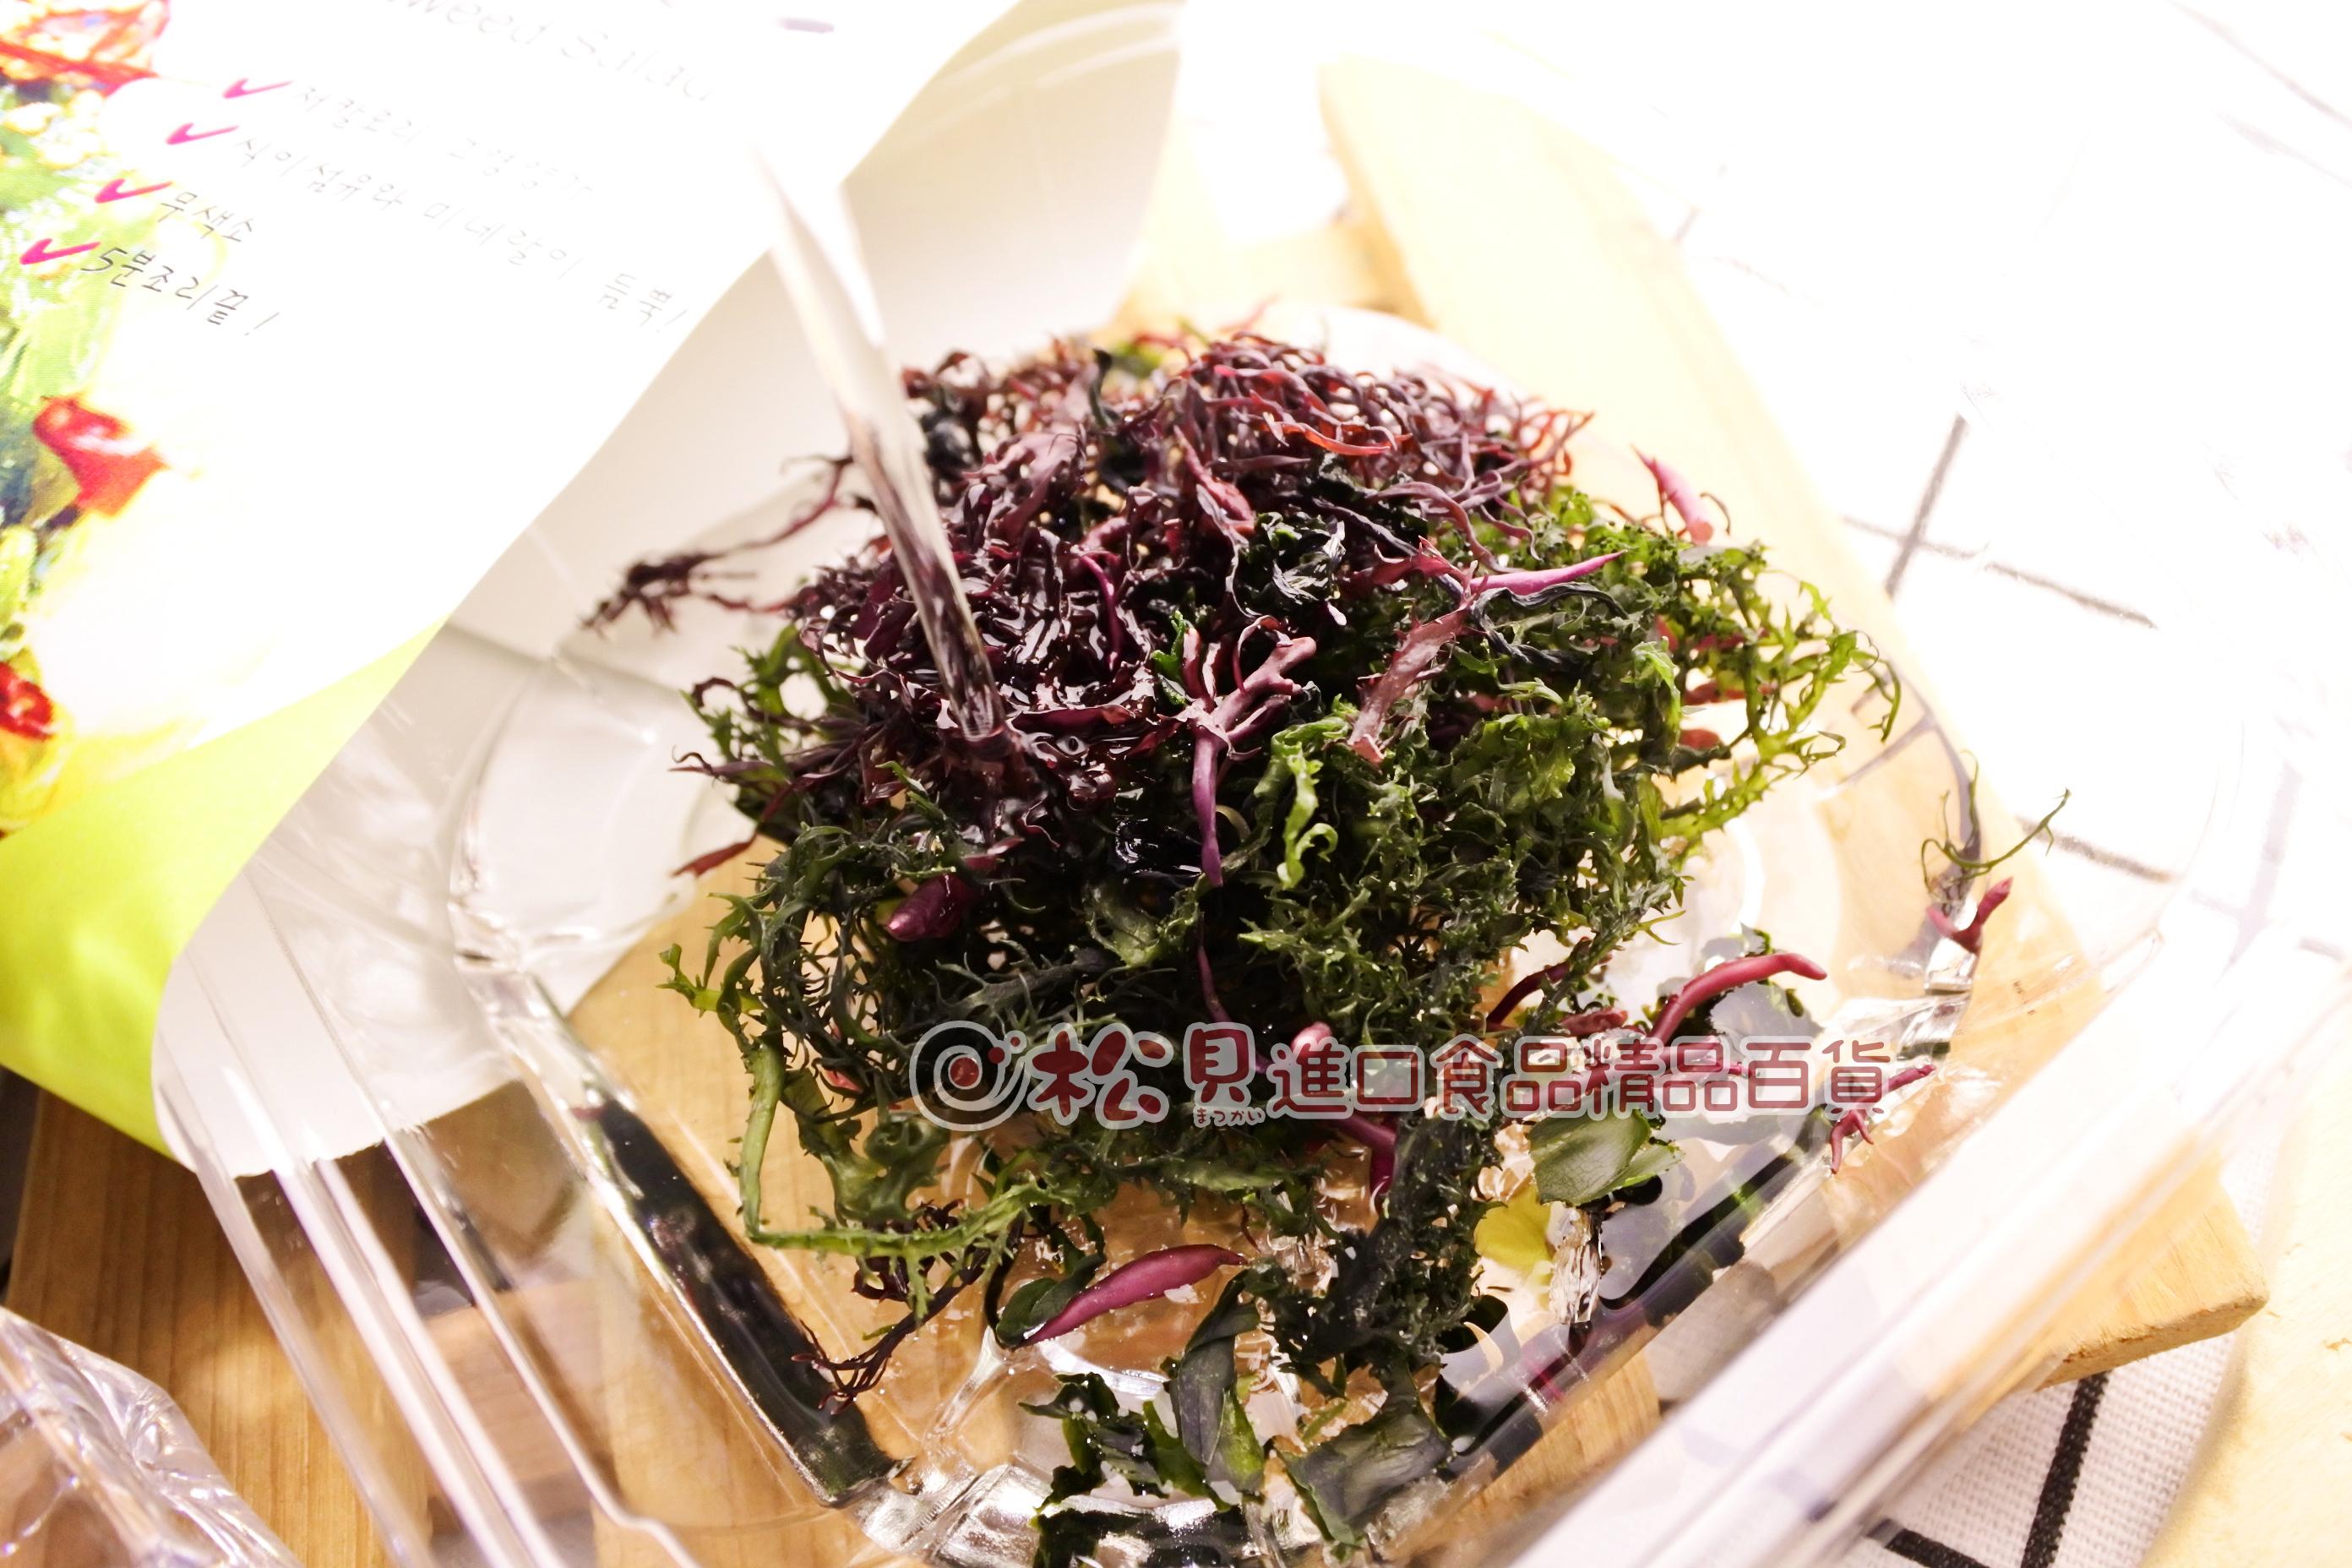 韓國海藻沙拉21g1.JPG